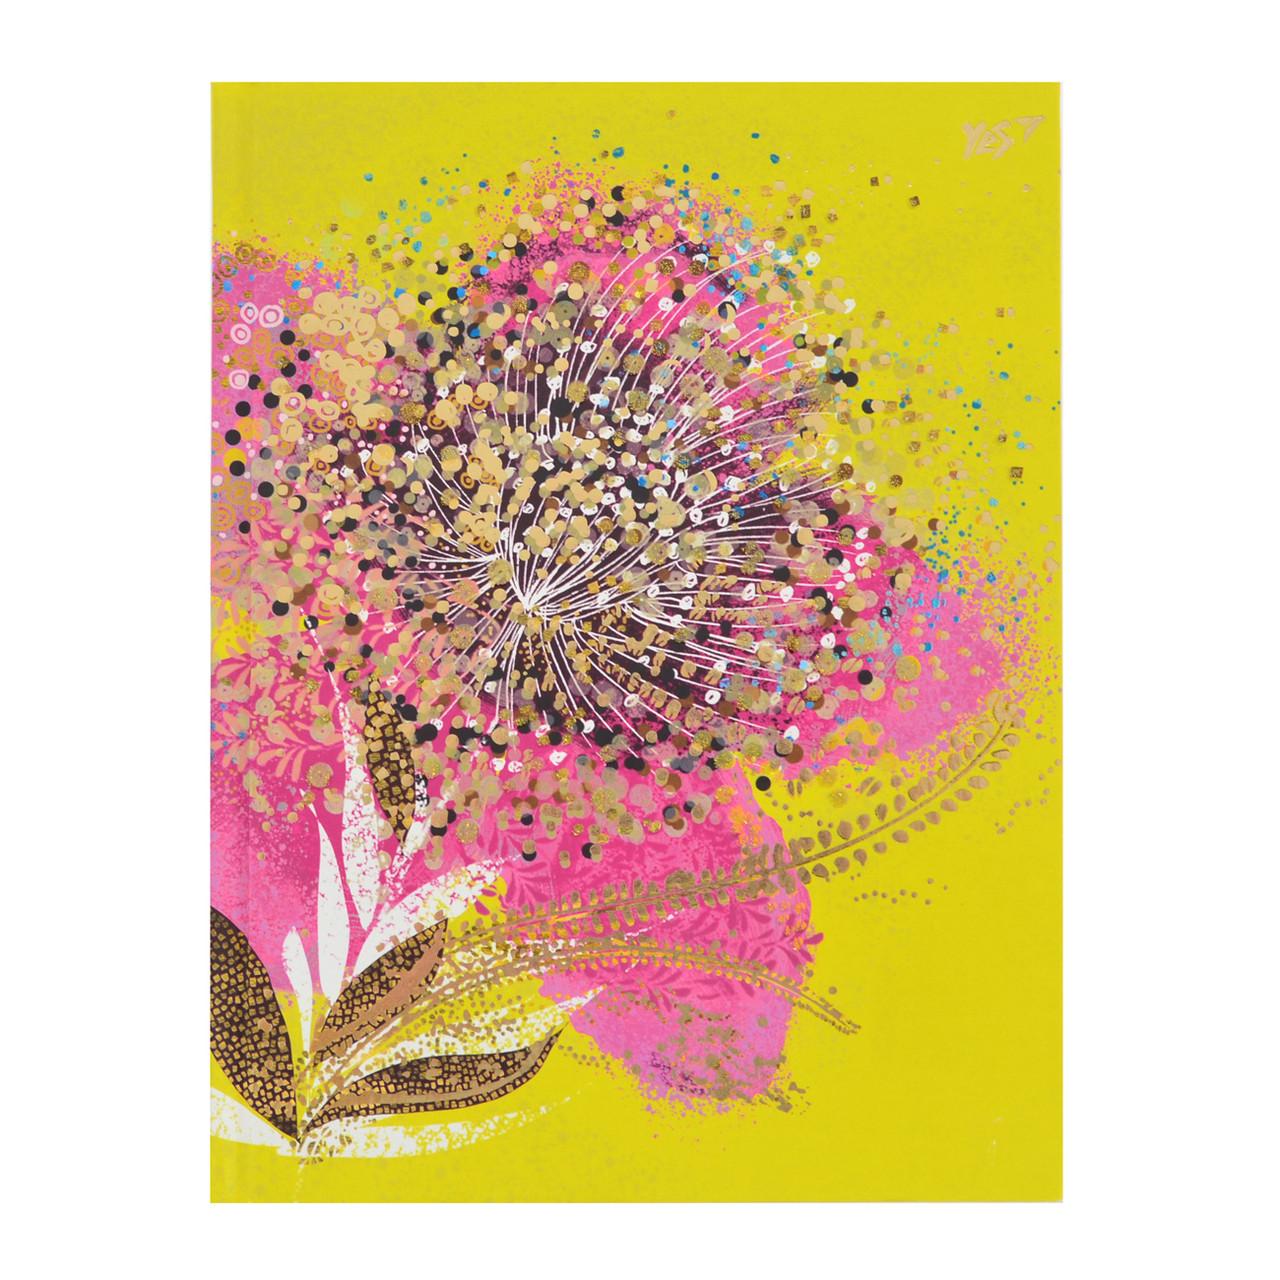 Блокнот А5/64 КЛ. интег., фольга золото+глиттер золото Opium. Flower YES код: 151385